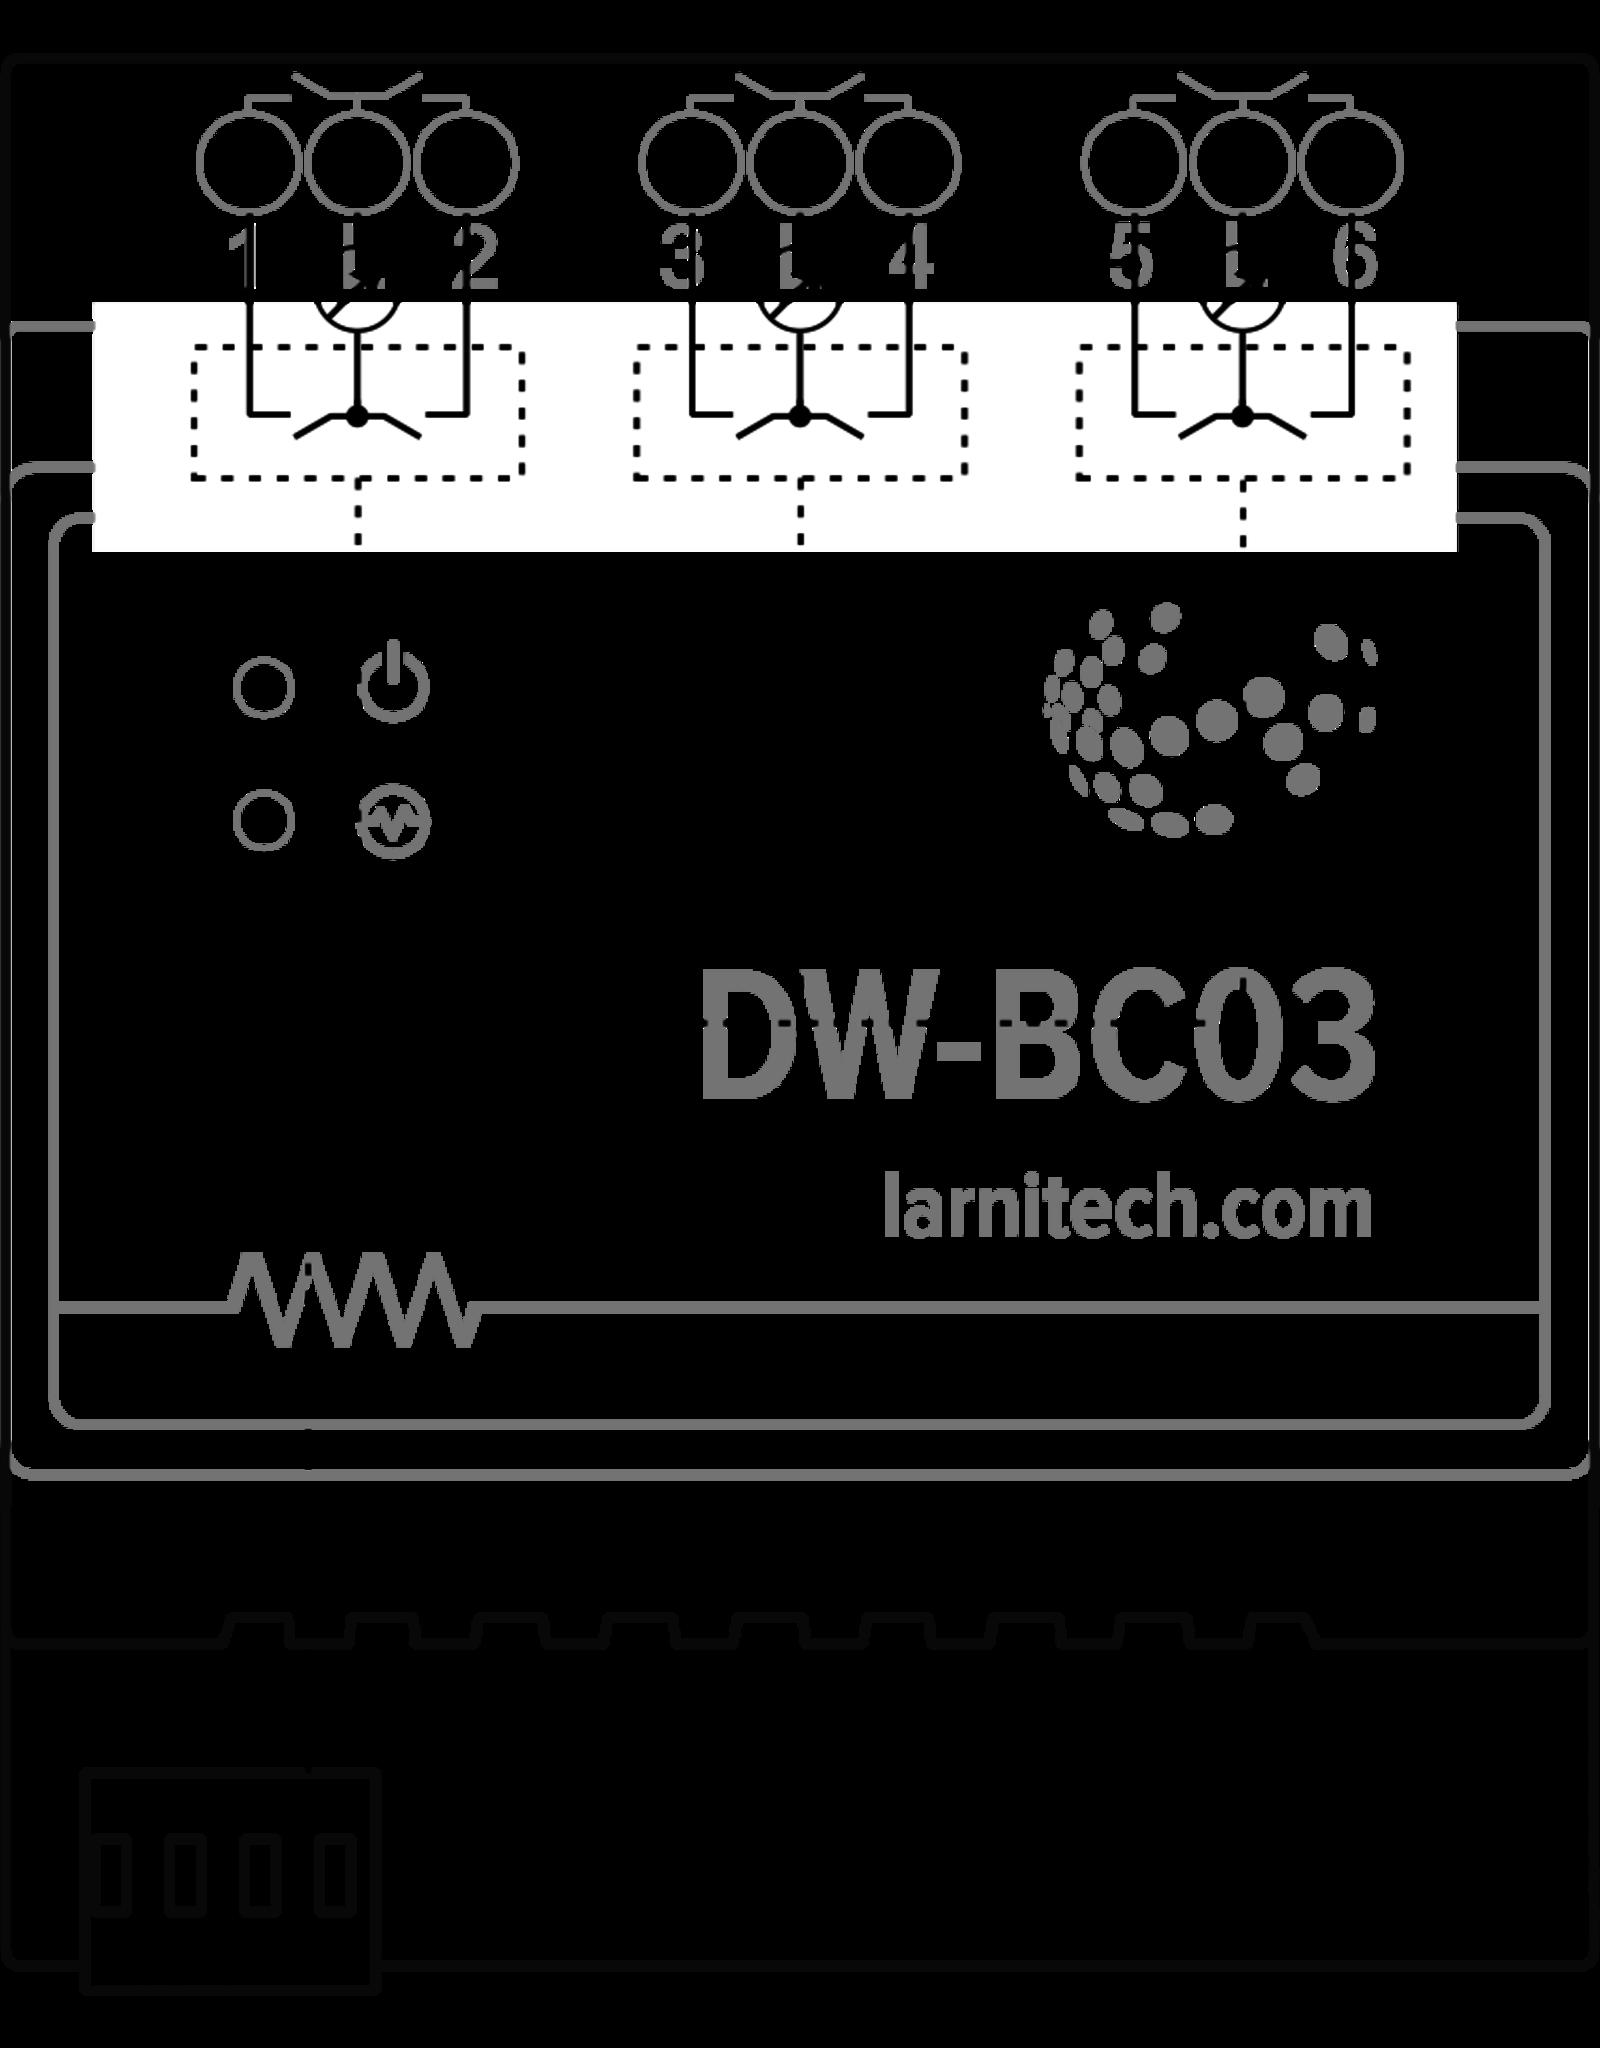 Larnitech DW-BC03